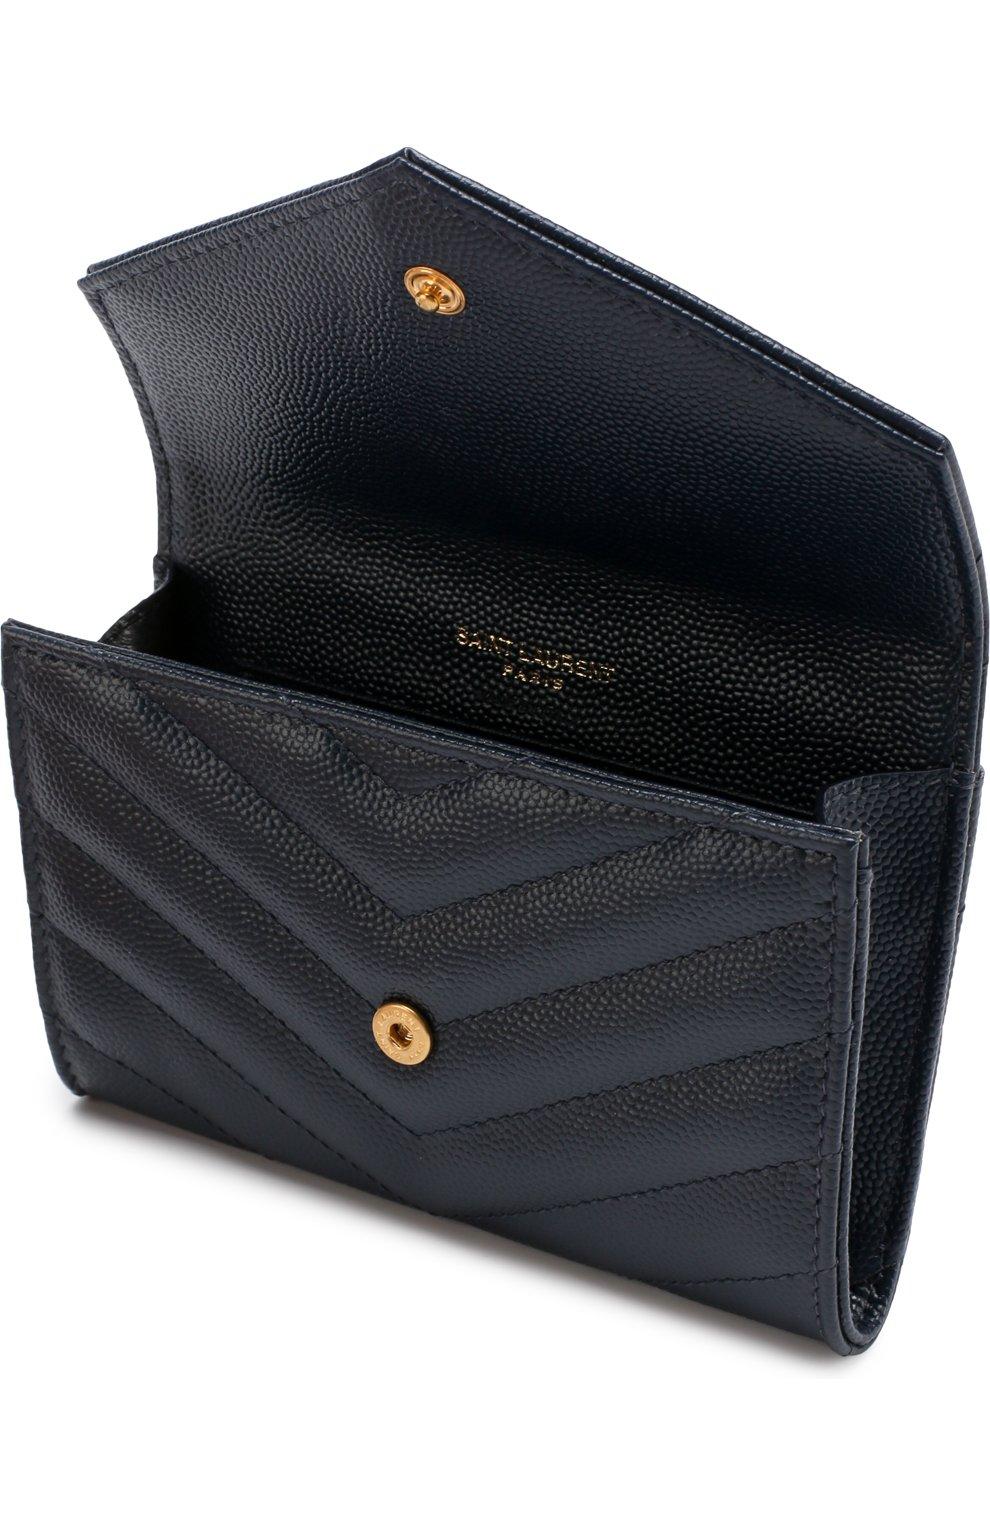 Кожаный кошелек Monogram | Фото №3